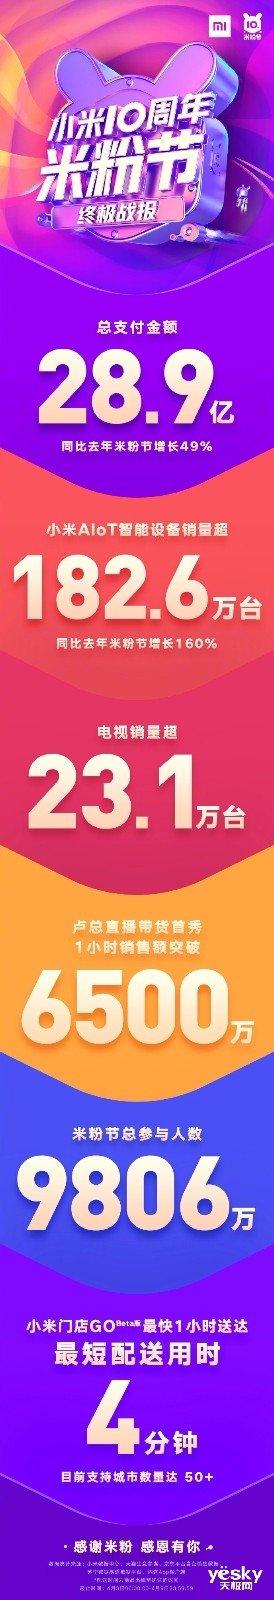 28.9亿!小米10周年米粉节赚翻了:卖了超23.1万台电视